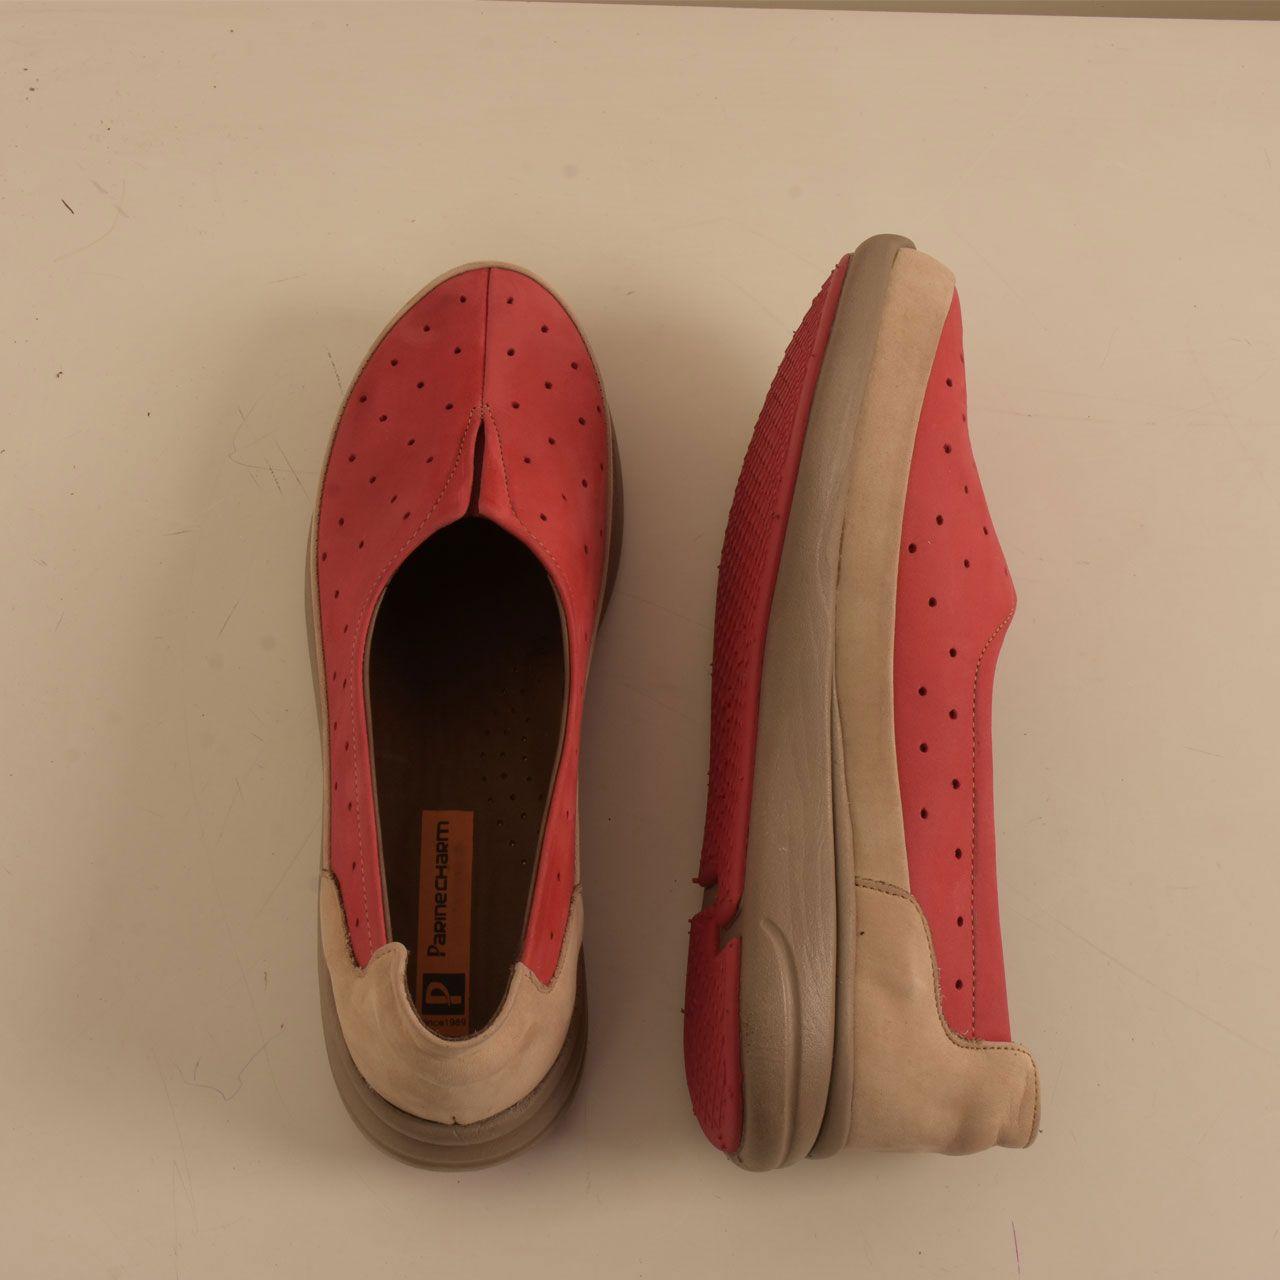 کفش روزمره زنانه پارینه چرم مدل SHOW4-2 main 1 1